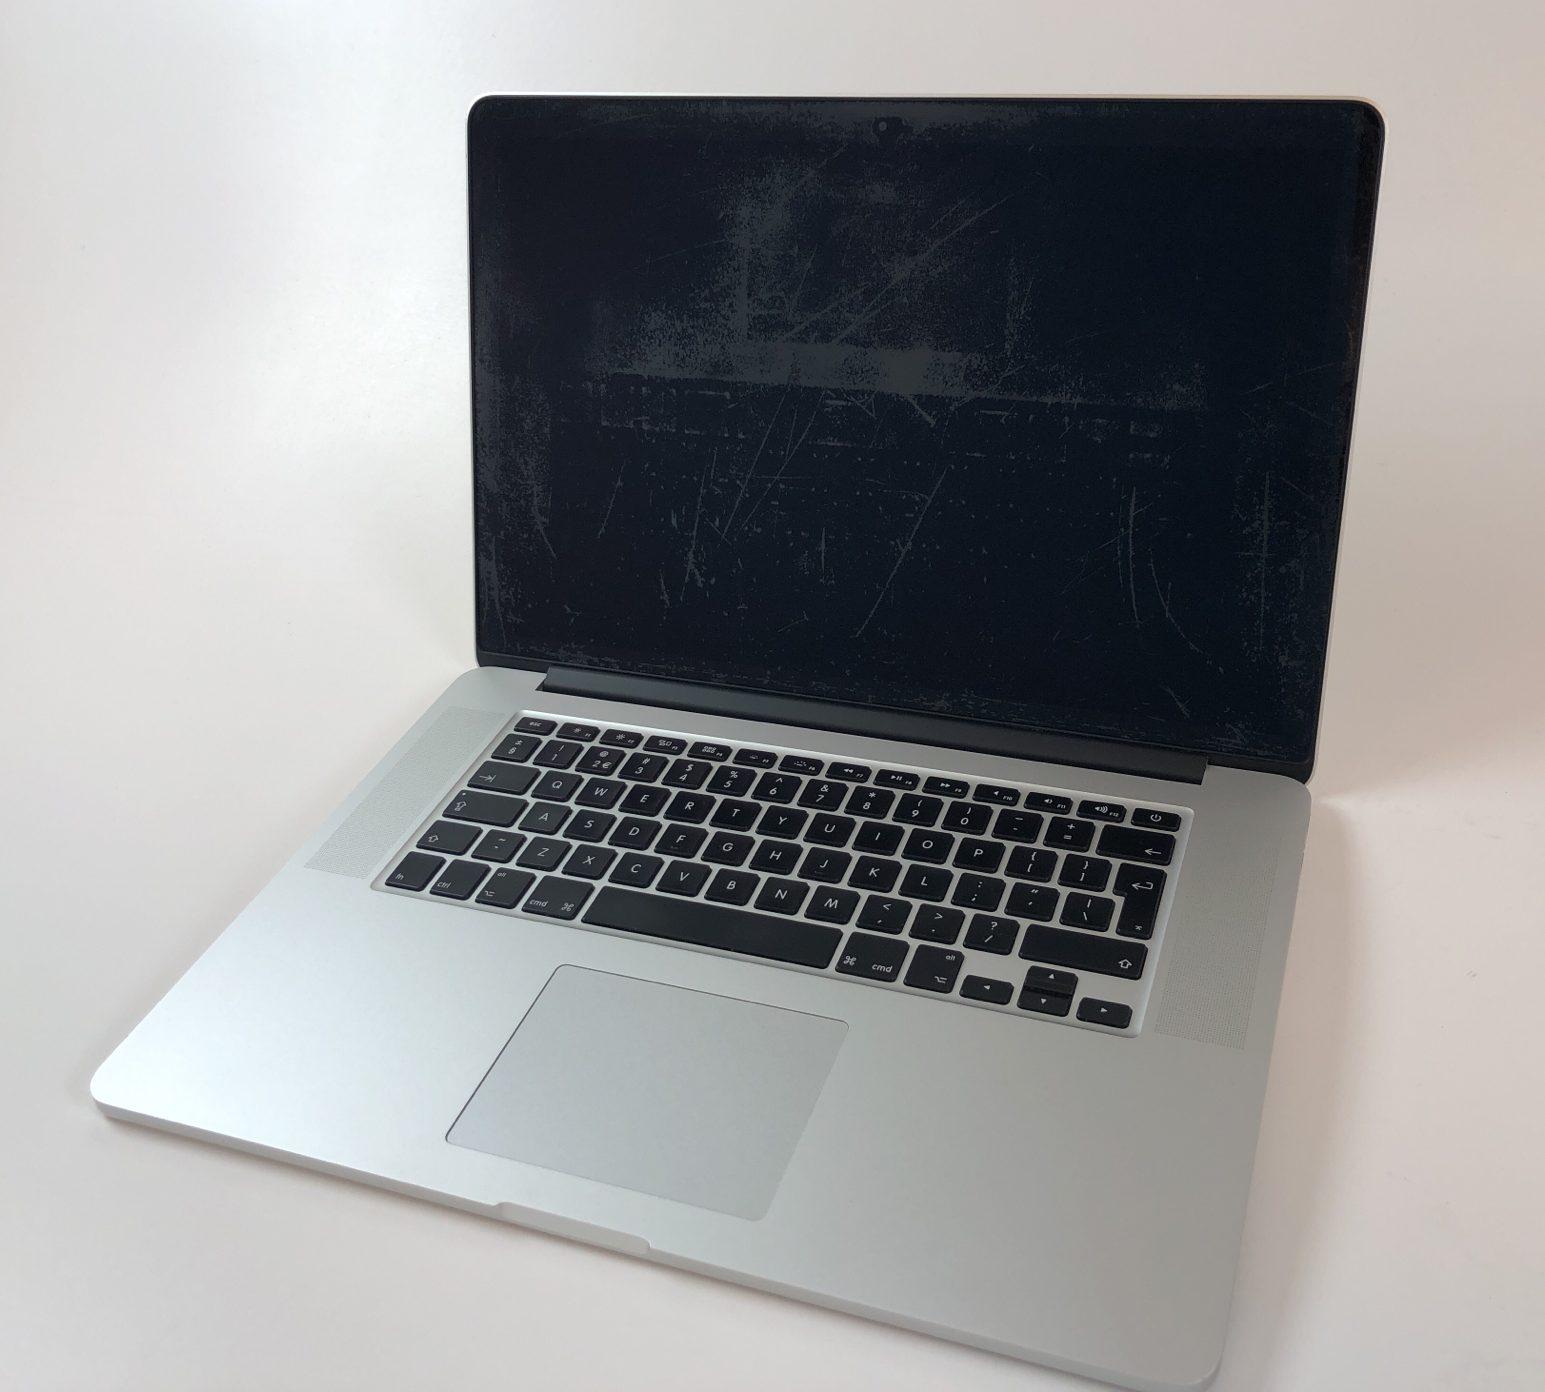 """MacBook Pro Retina 15"""" Mid 2014 (Intel Quad-Core i7 2.2 GHz 16 GB RAM 256 GB SSD), Intel Quad-Core i7 2.2 GHz, 16 GB RAM, 256 GB SSD, Afbeelding 1"""